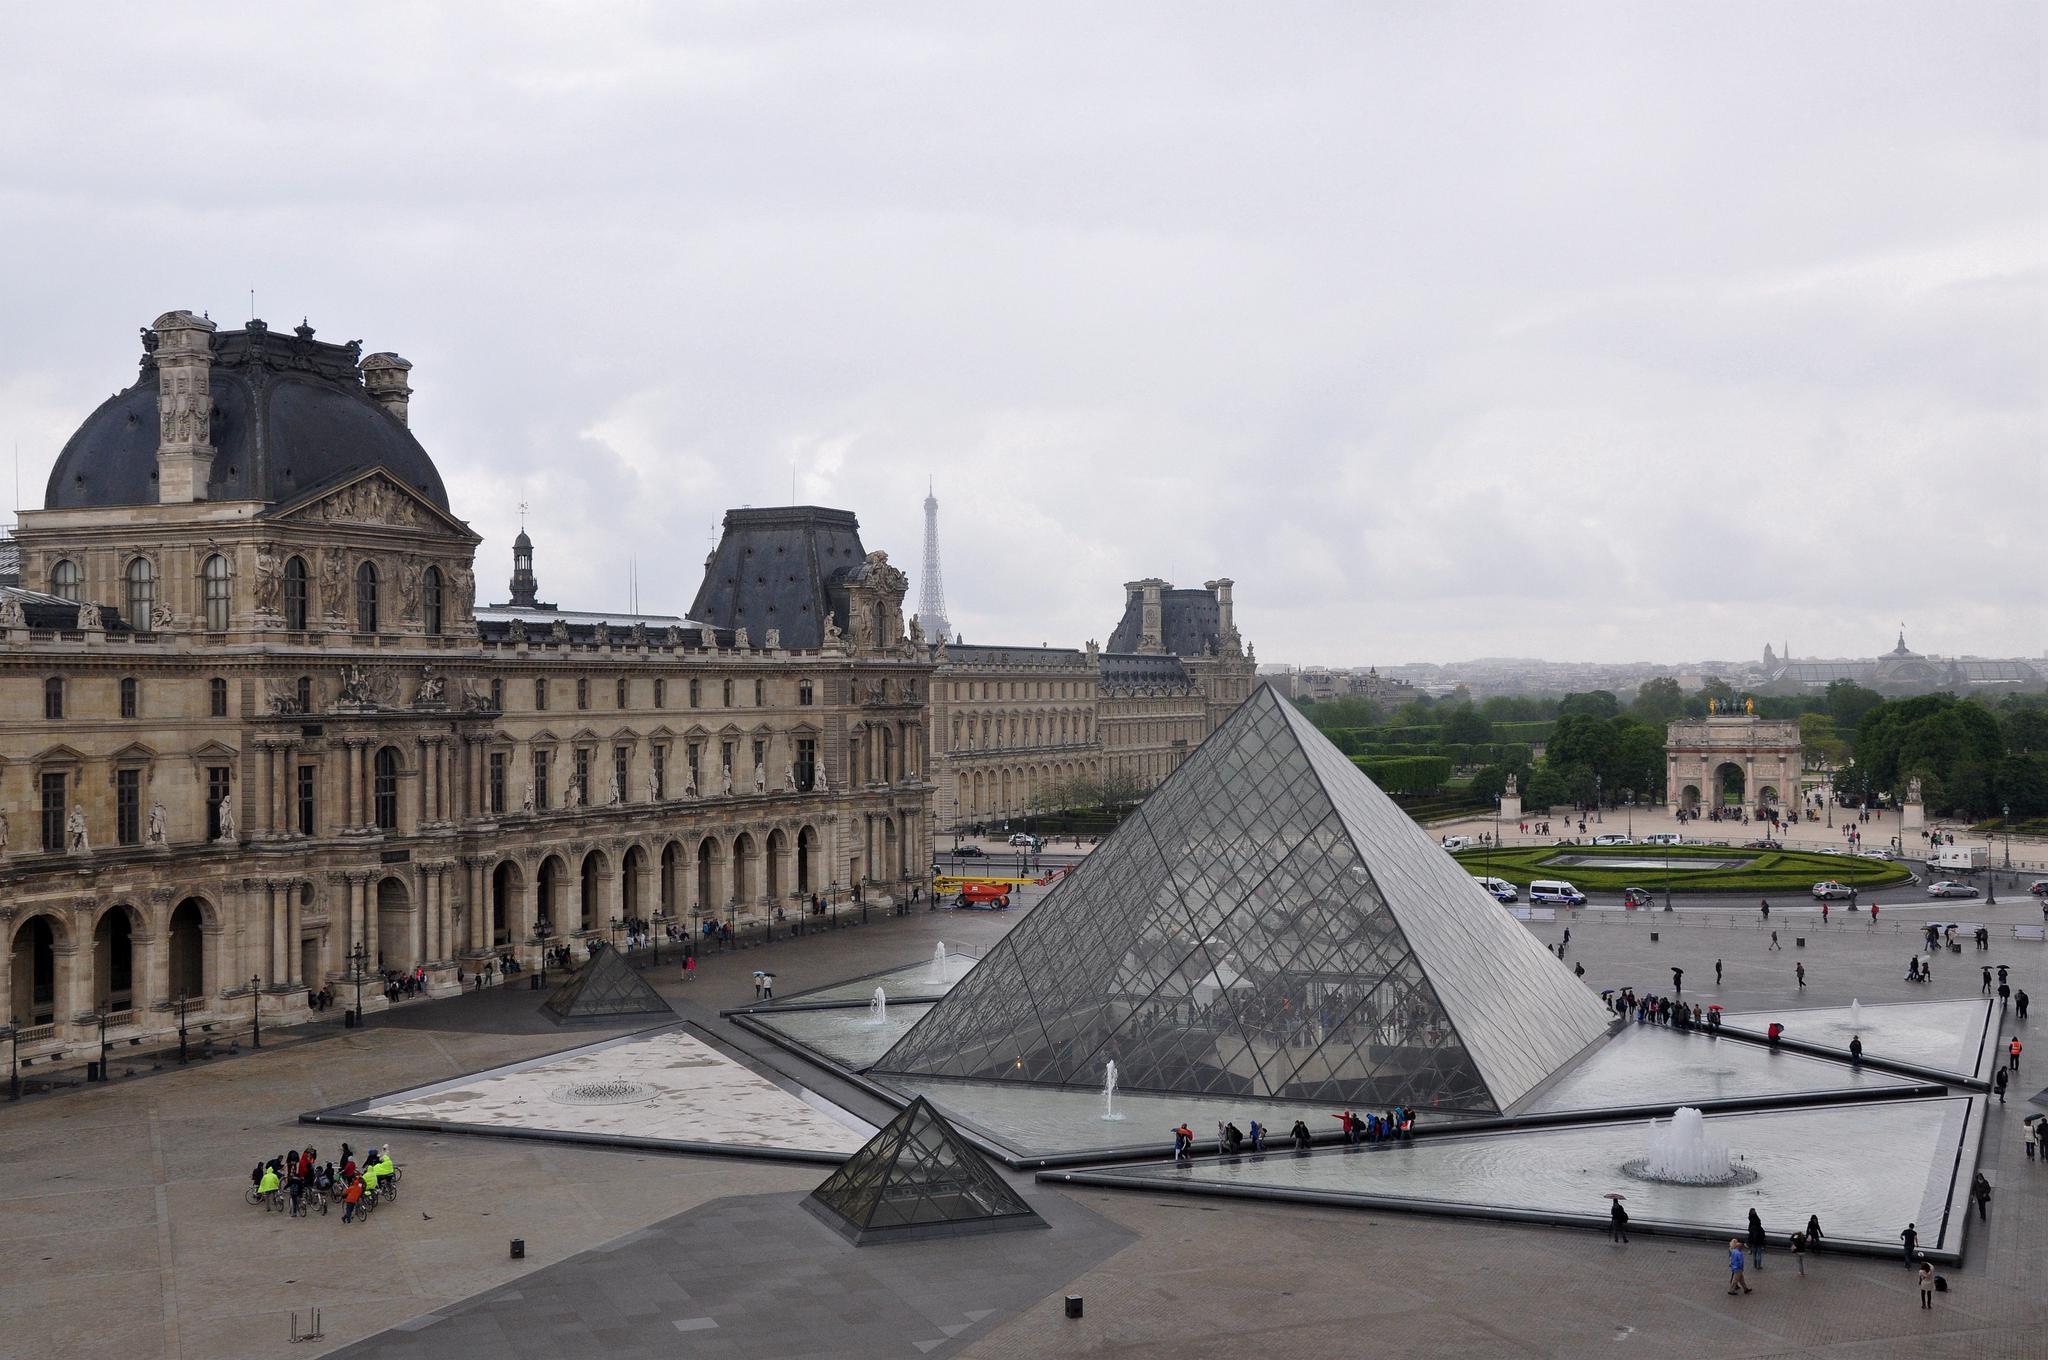 建筑大师贝聿铭设计的卢浮宫玻璃金字塔【原创摄影】